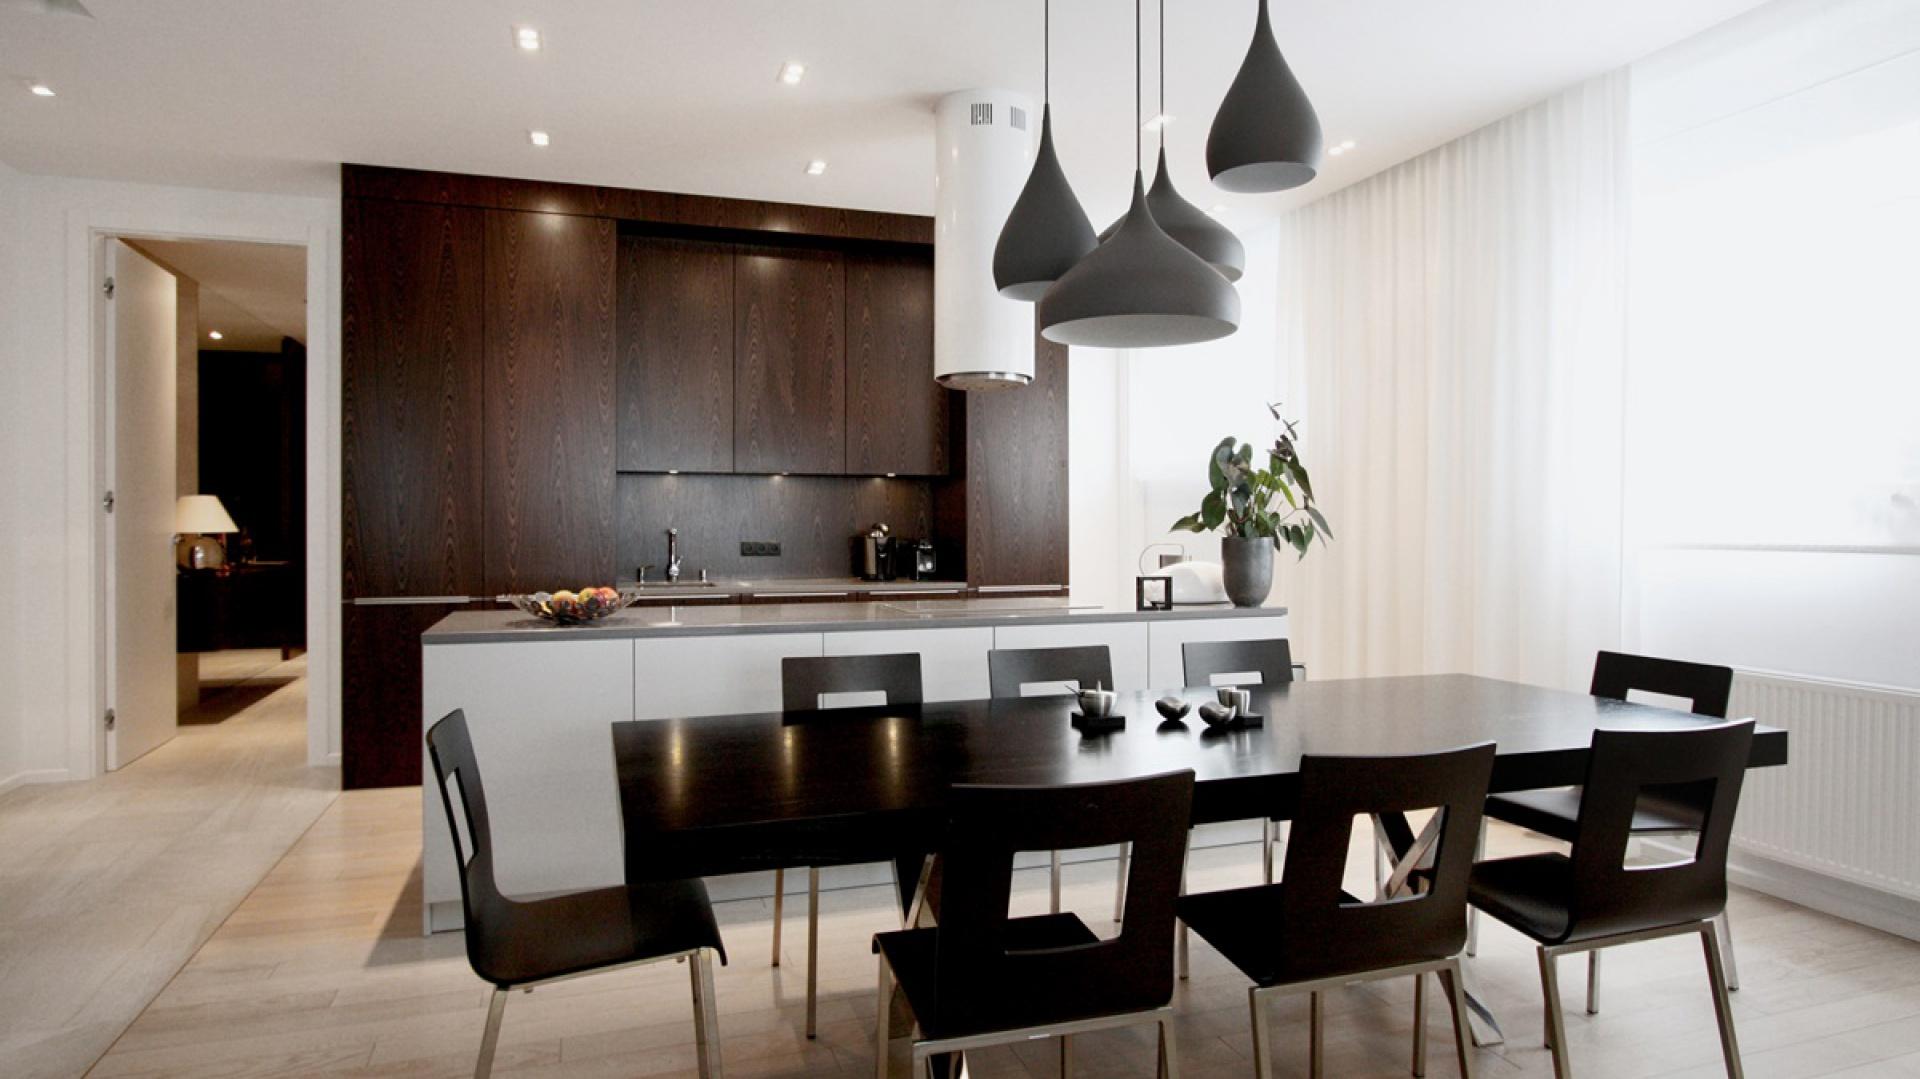 Stylowe, ciemne meble w kuchni stworzyły zgraną drużynę ze stołem i krzesłami w jadalni. Do zespołu próbują dołączyć się oryginalne lampy w kształcie spadających kropel. Projekt: Soma Architekci. Fot. Soma Architekci.